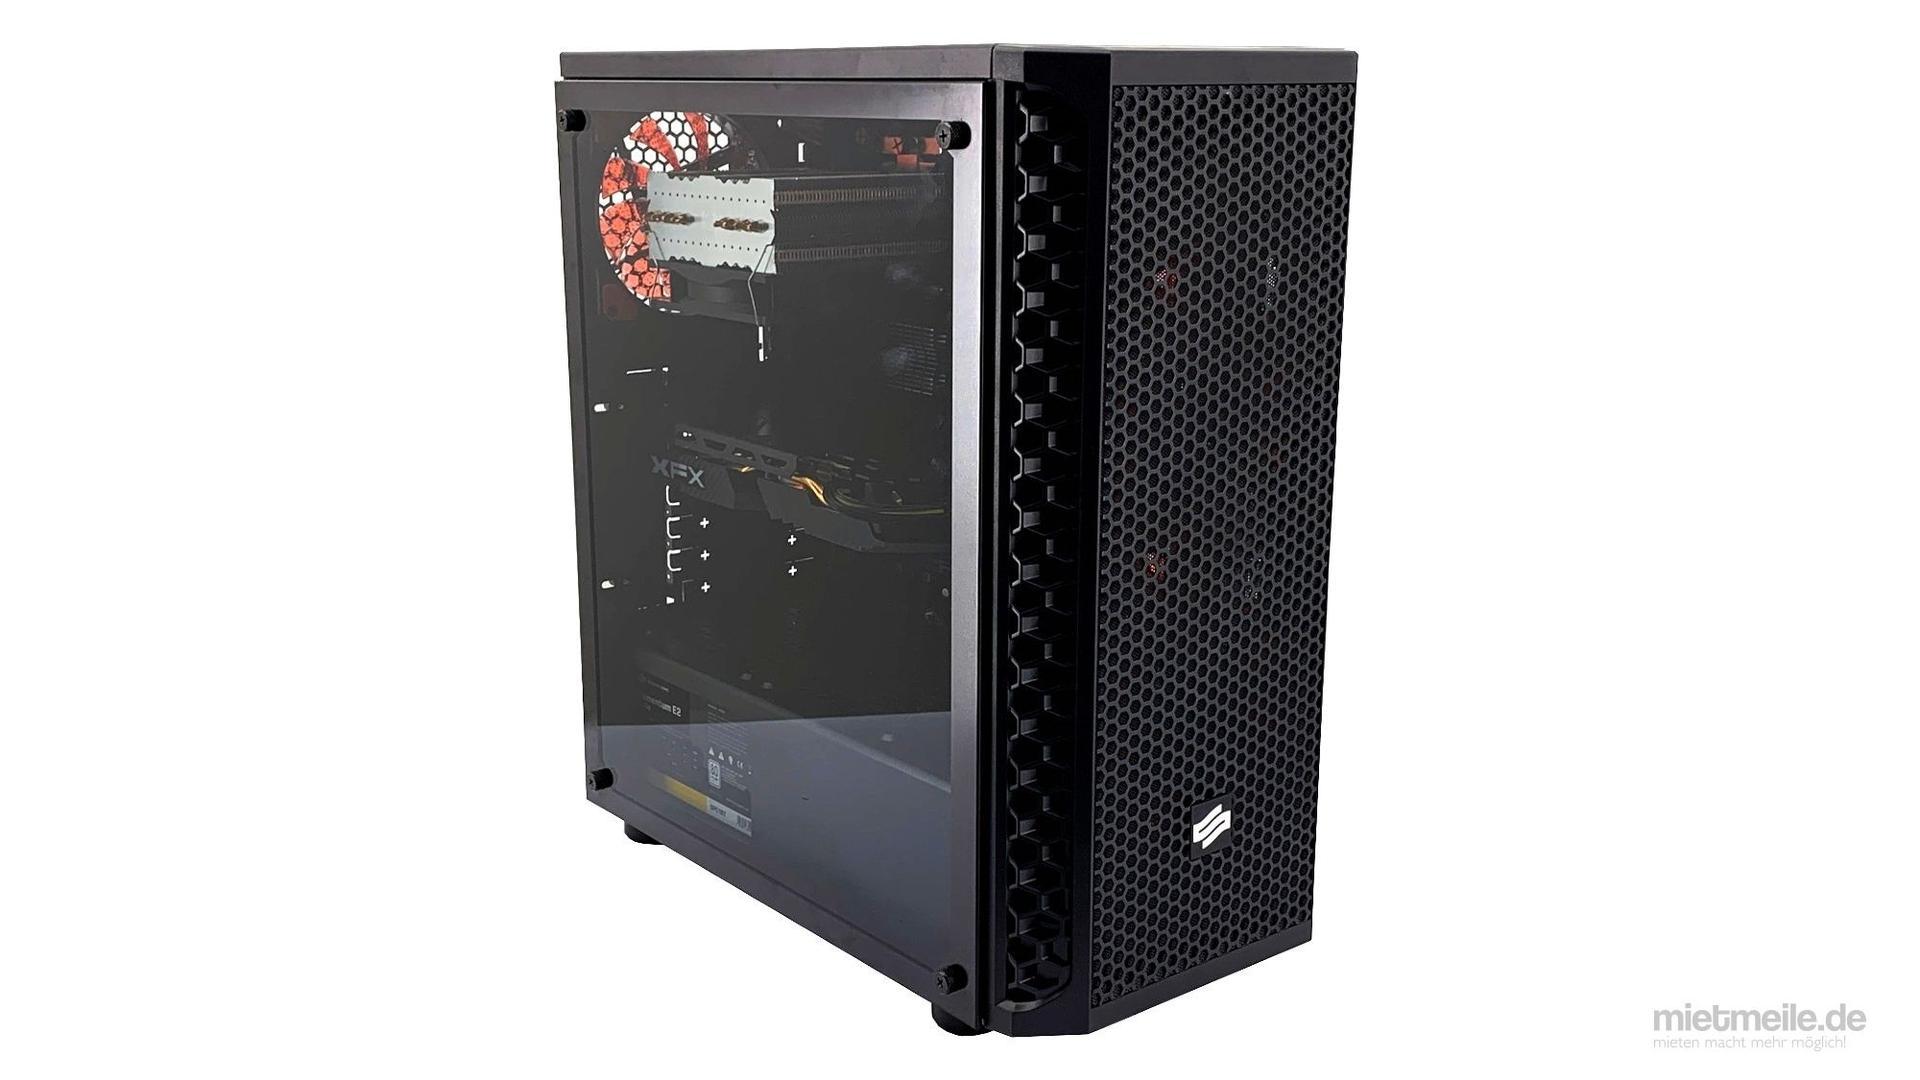 PC mieten & vermieten - 32GB 6x3.7GHz 8GB Gaming-PC Workstation Computer in Schkeuditz